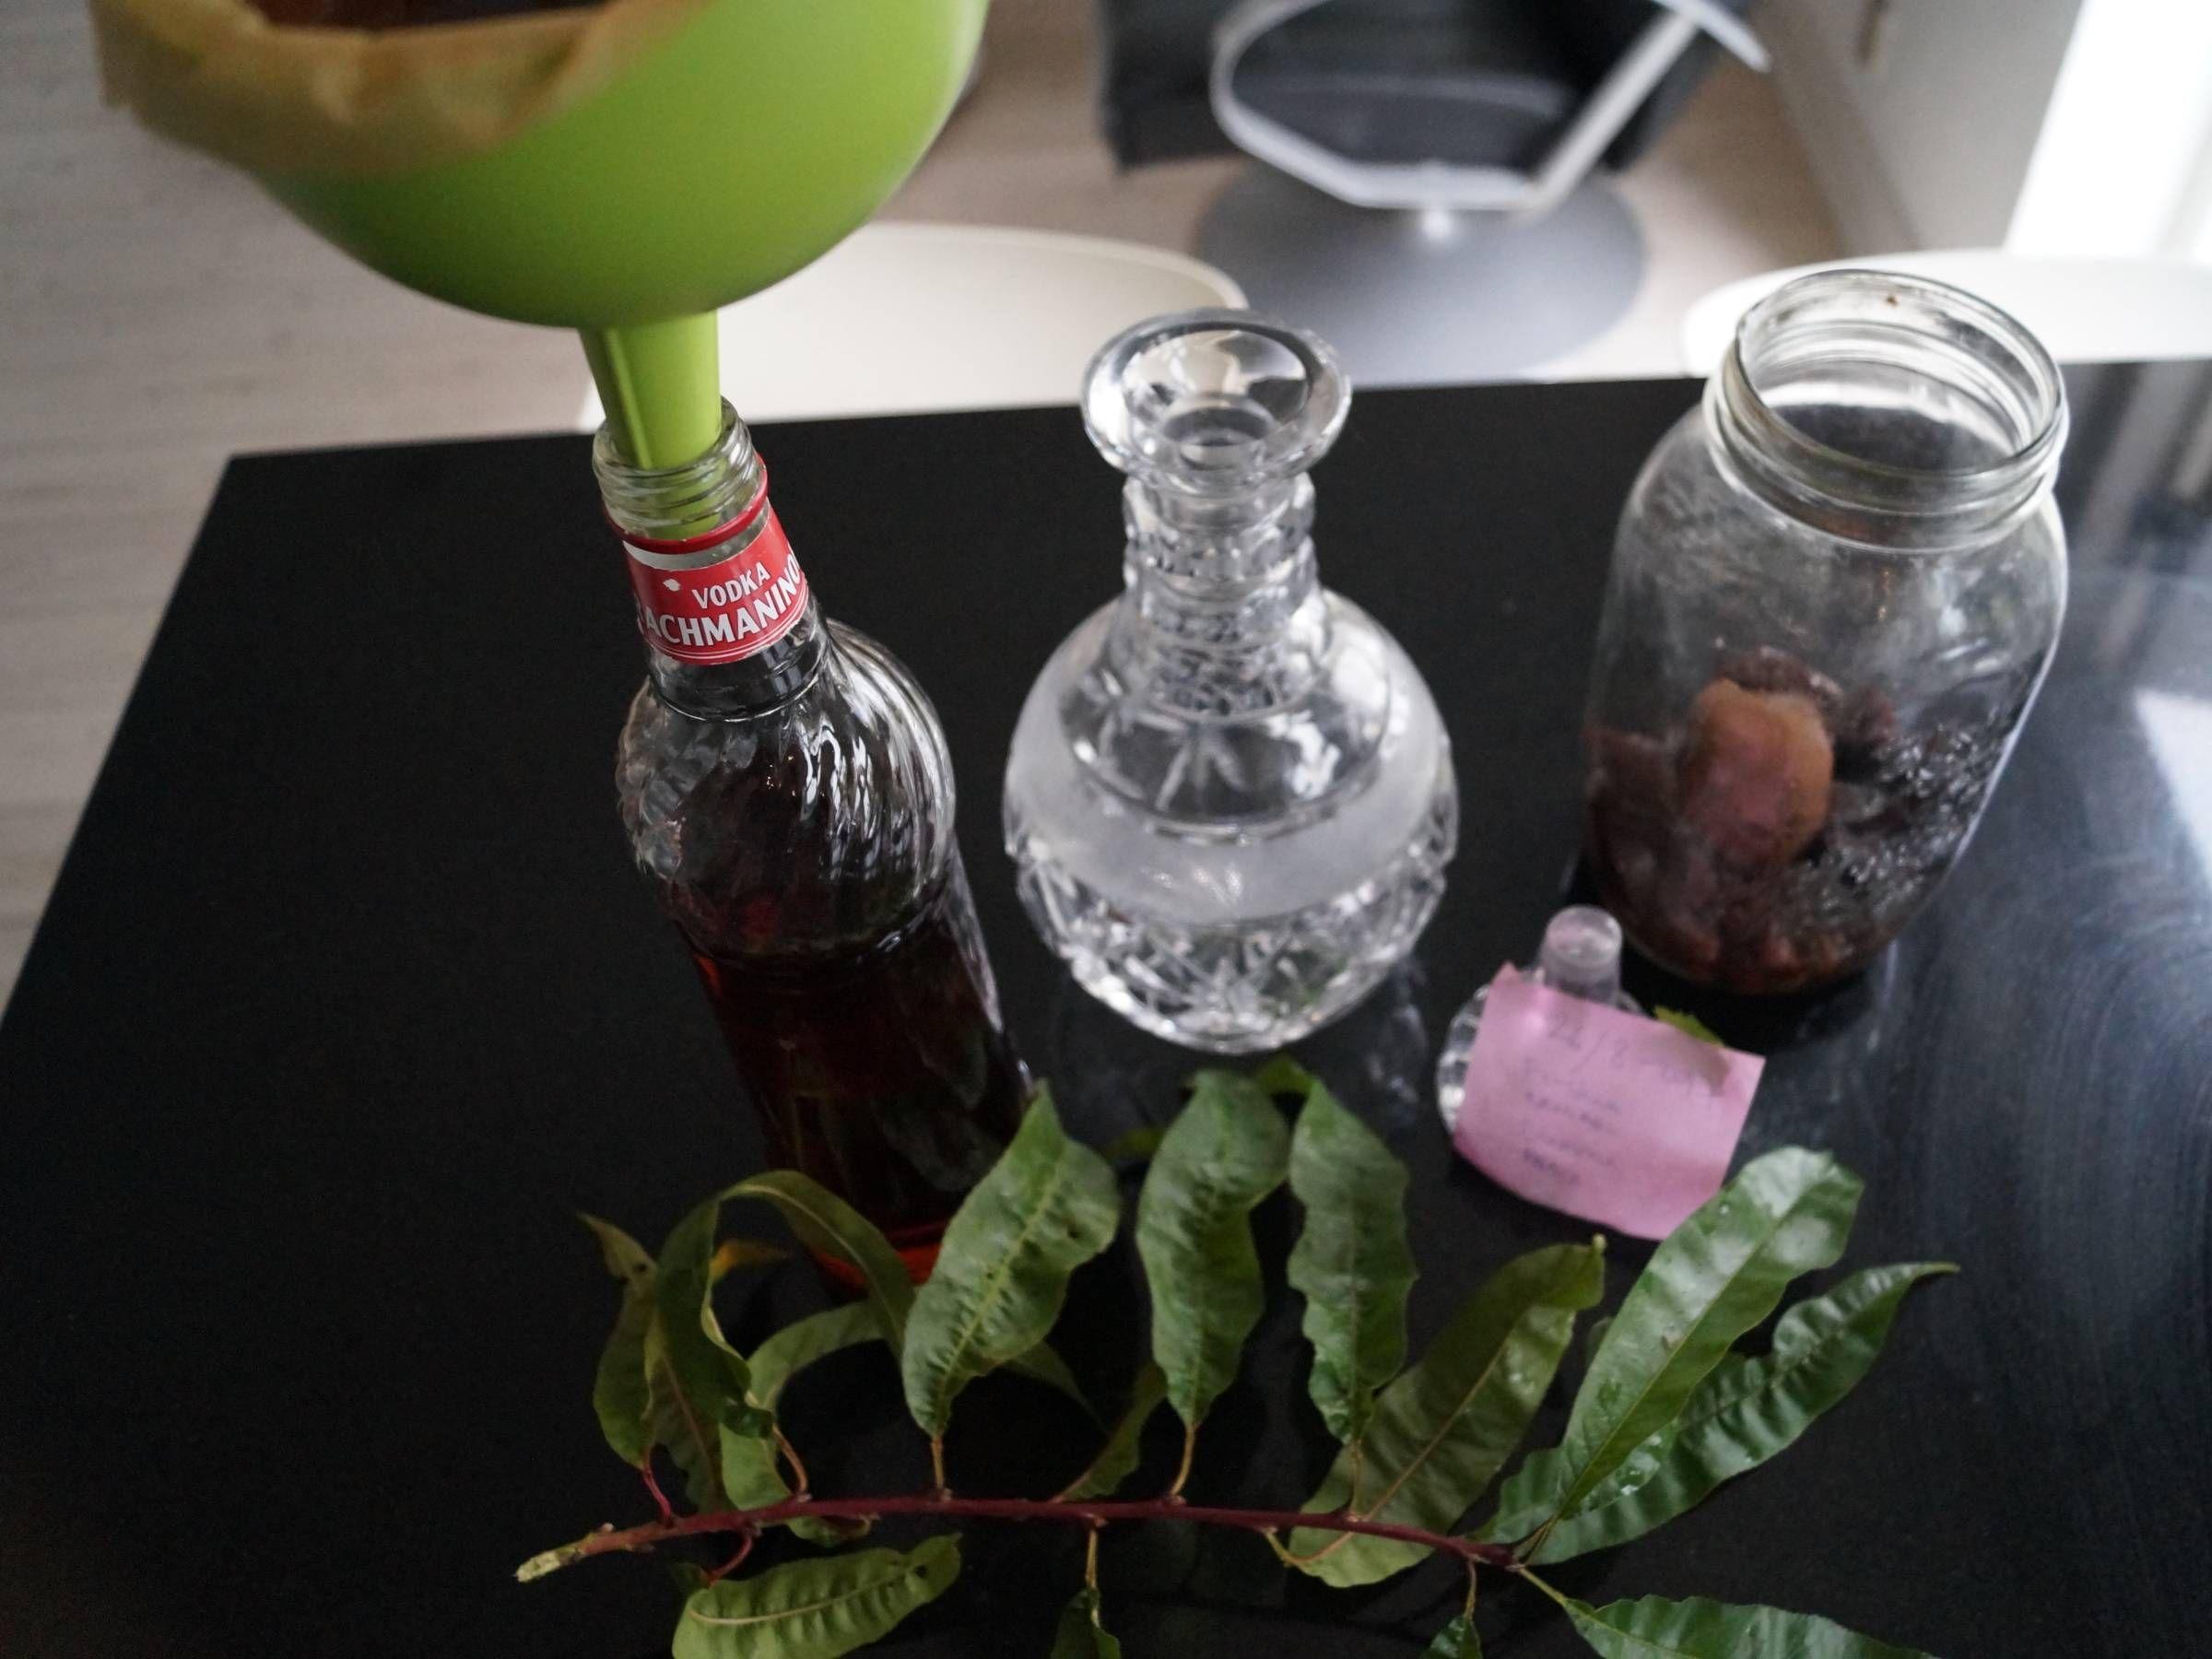 Frugtsnaps filtreres gennem tragt